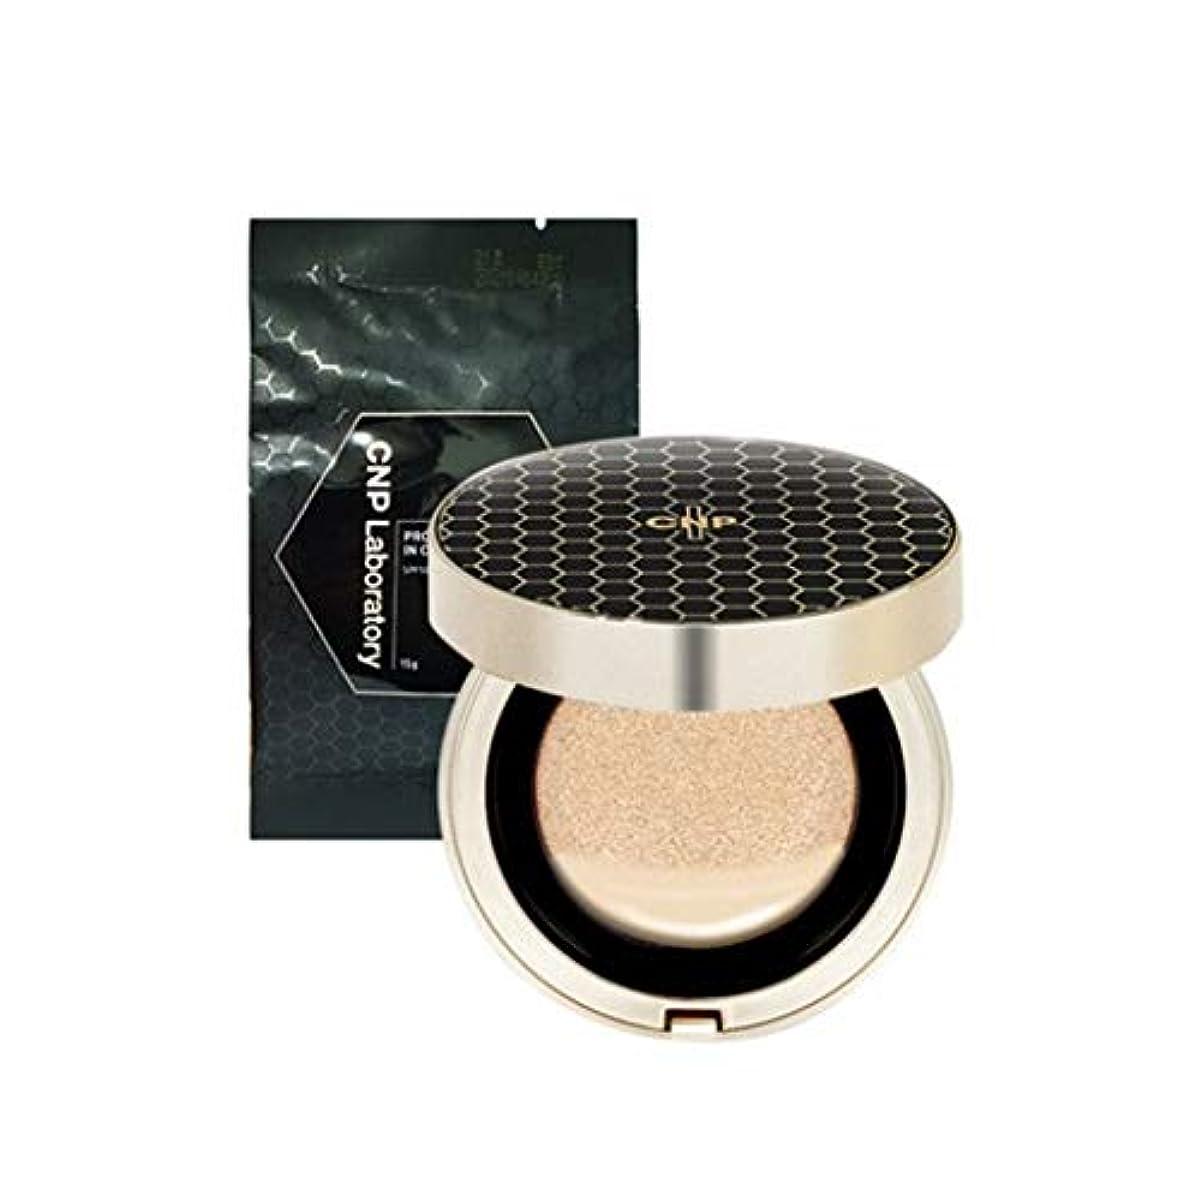 あたり強調するチョコレートCNP プロポリスアンプル?イン?クッション本品+リフィルセット韓国コスメ、CNP Propolis Ampule in Cushion+ Refill Set Korean Cosmetics [並行輸入品] (No....